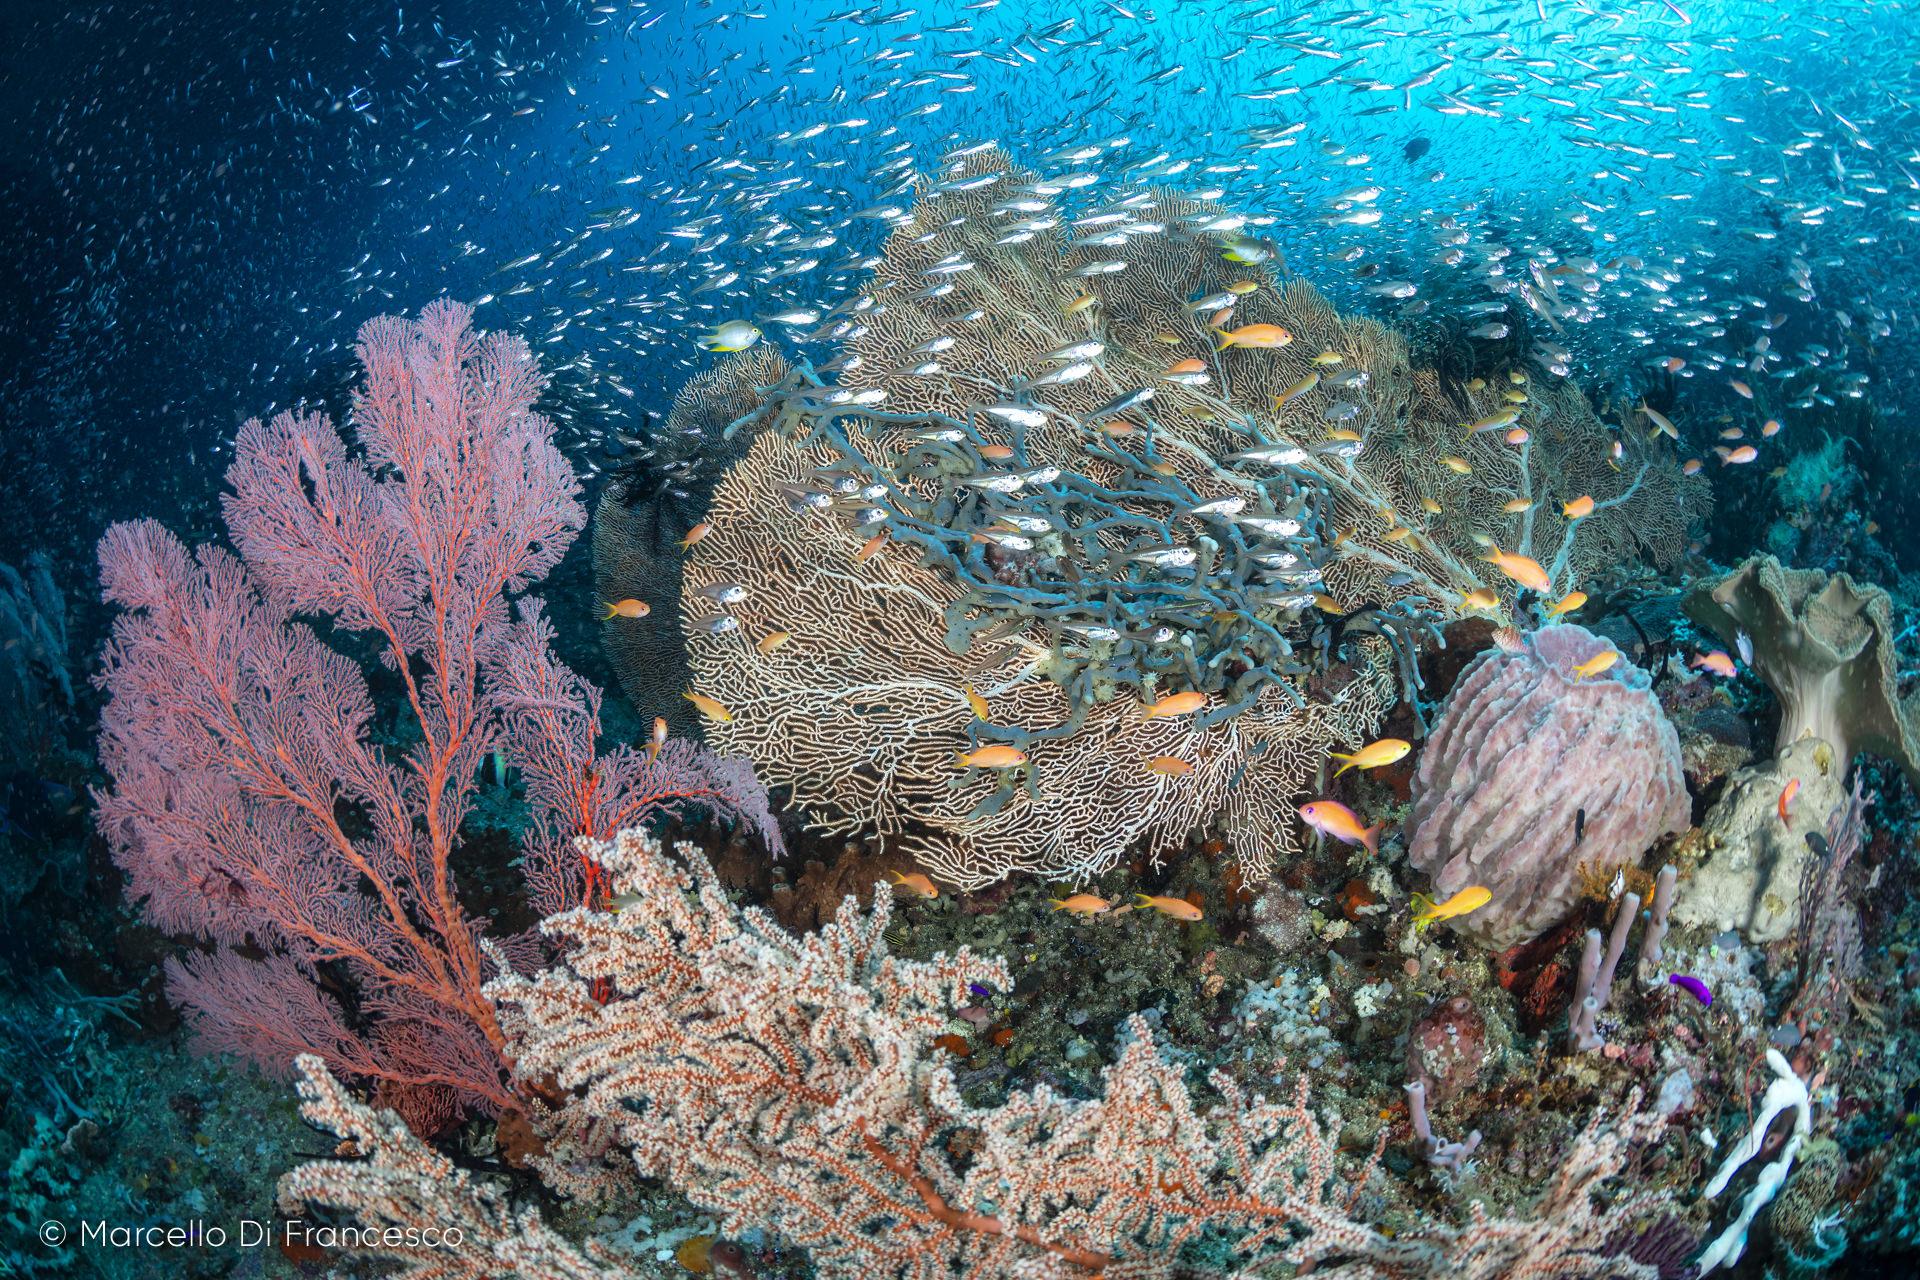 Quante specie vivono nell'oceano?